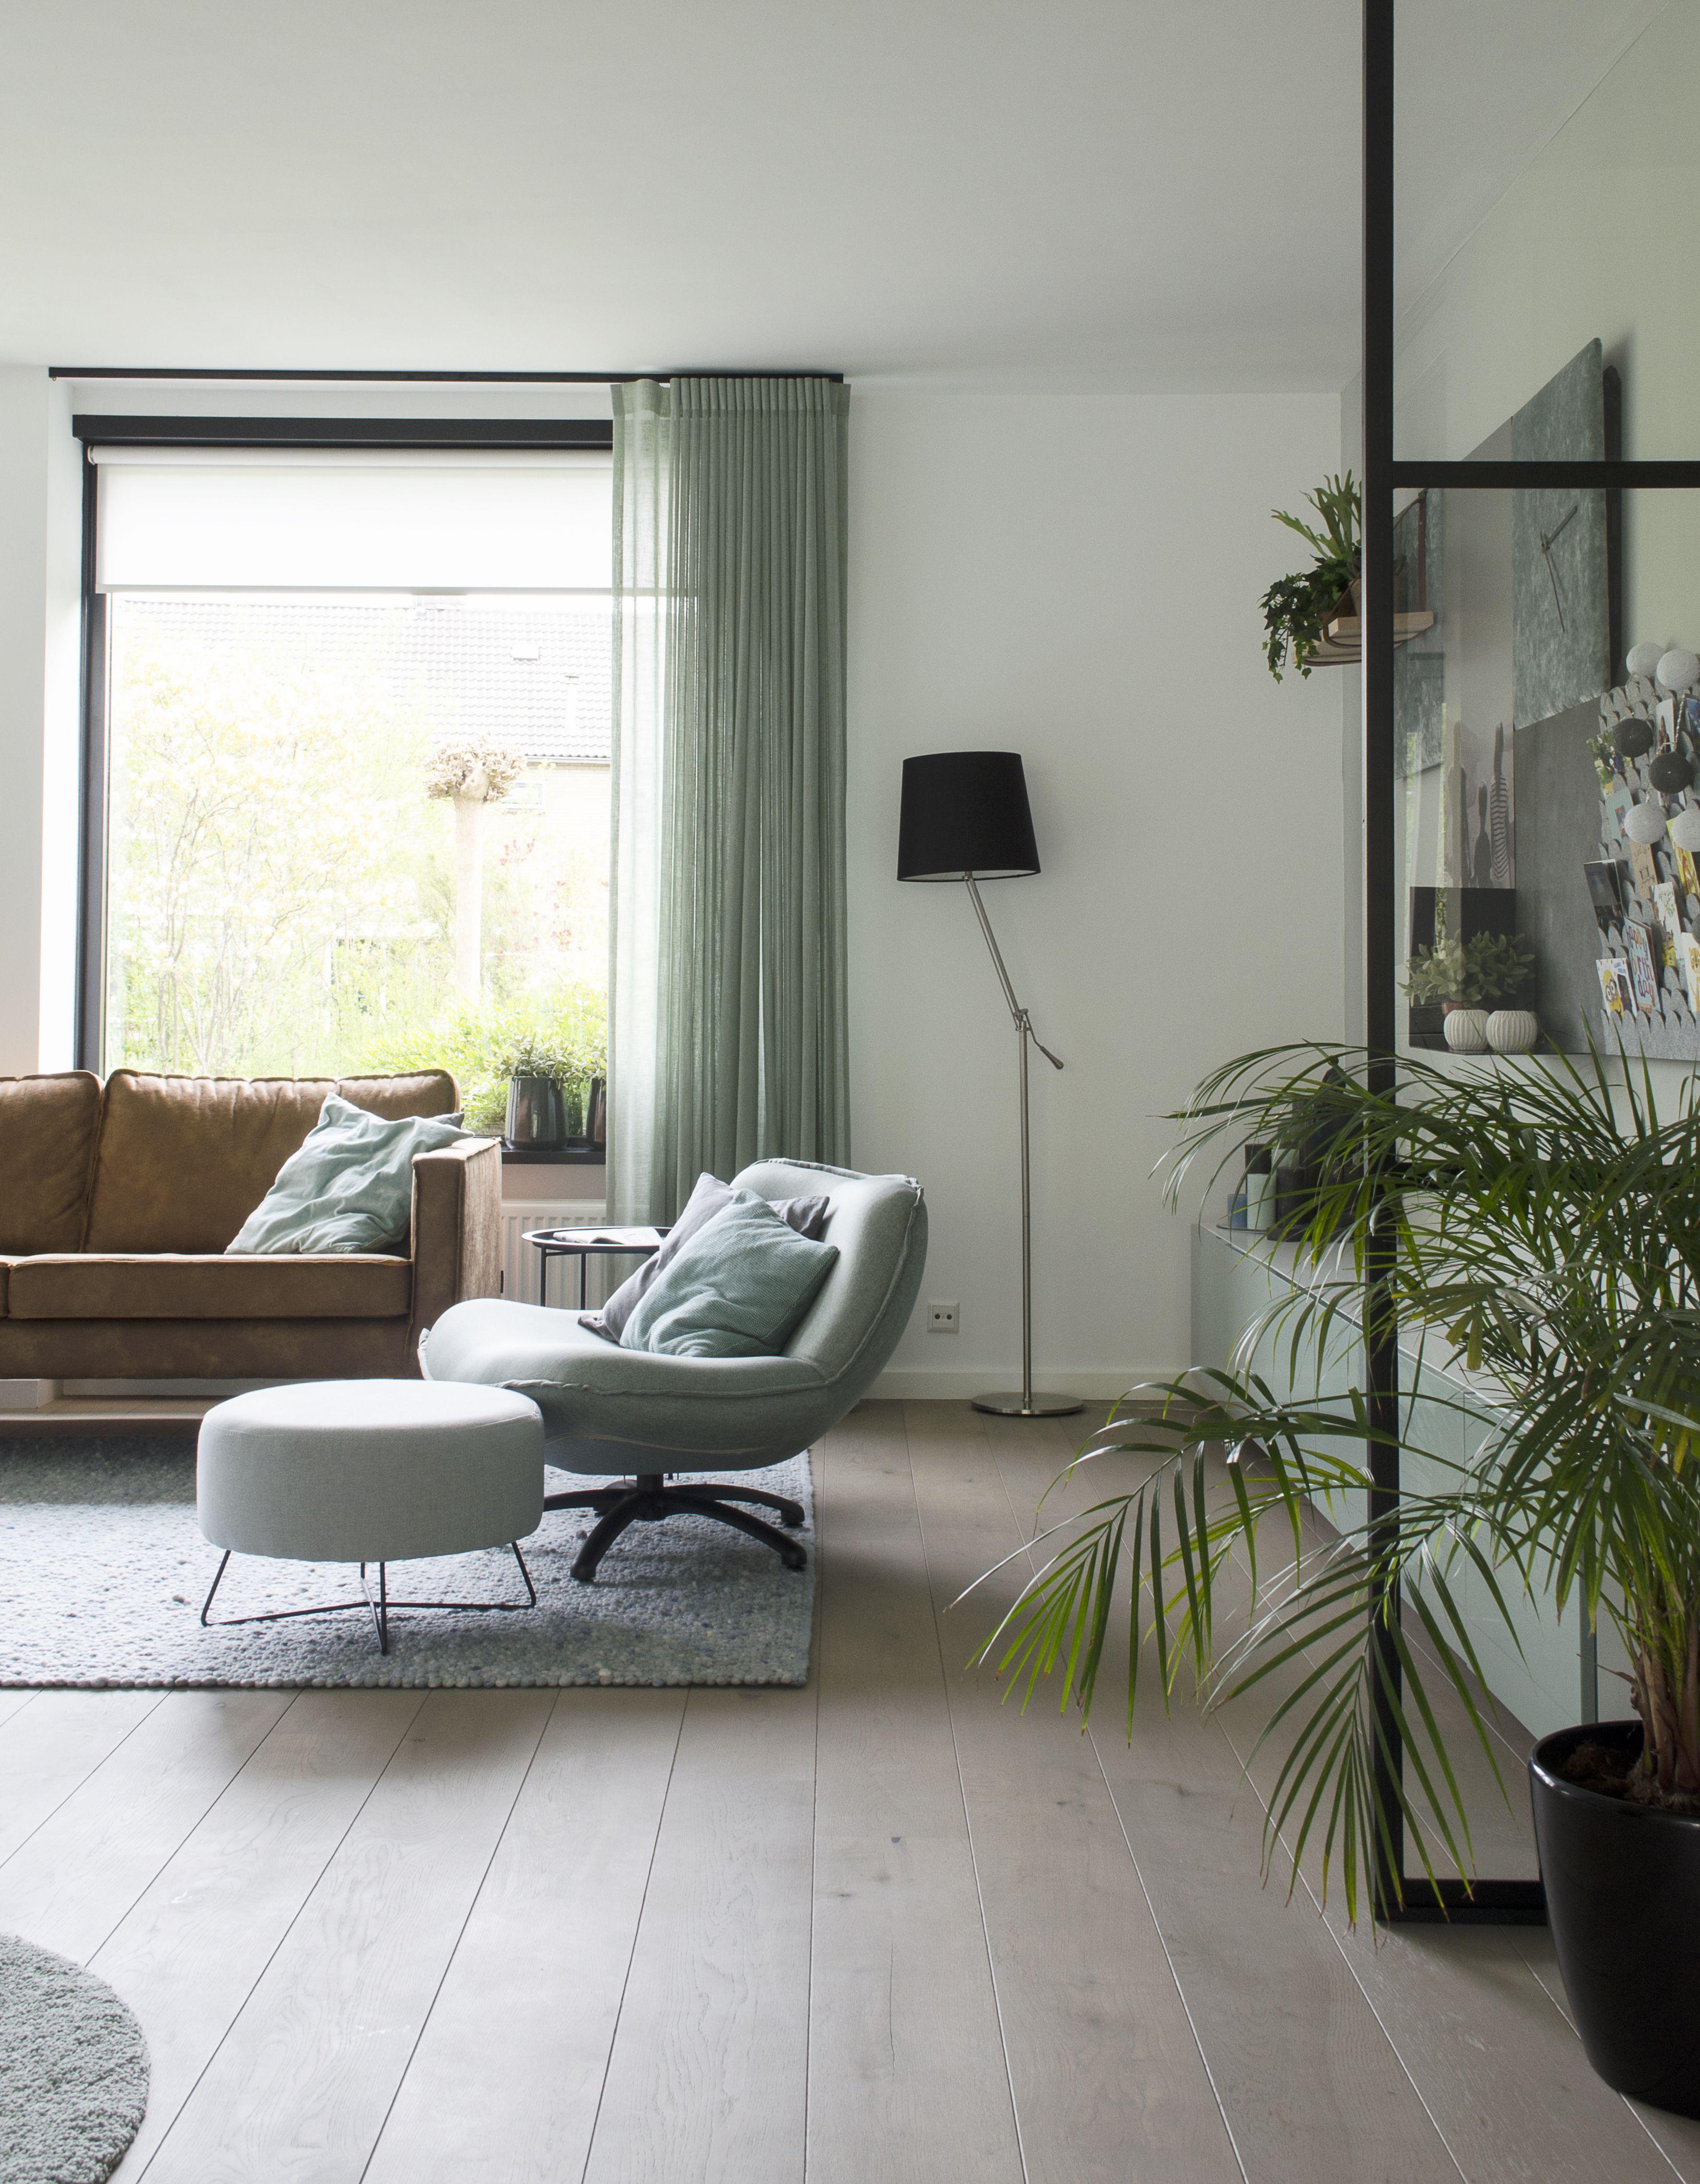 HOME MADE BY_STIJL BINNENKIJKER | STYLIST INGRID | WOONKAMER ...